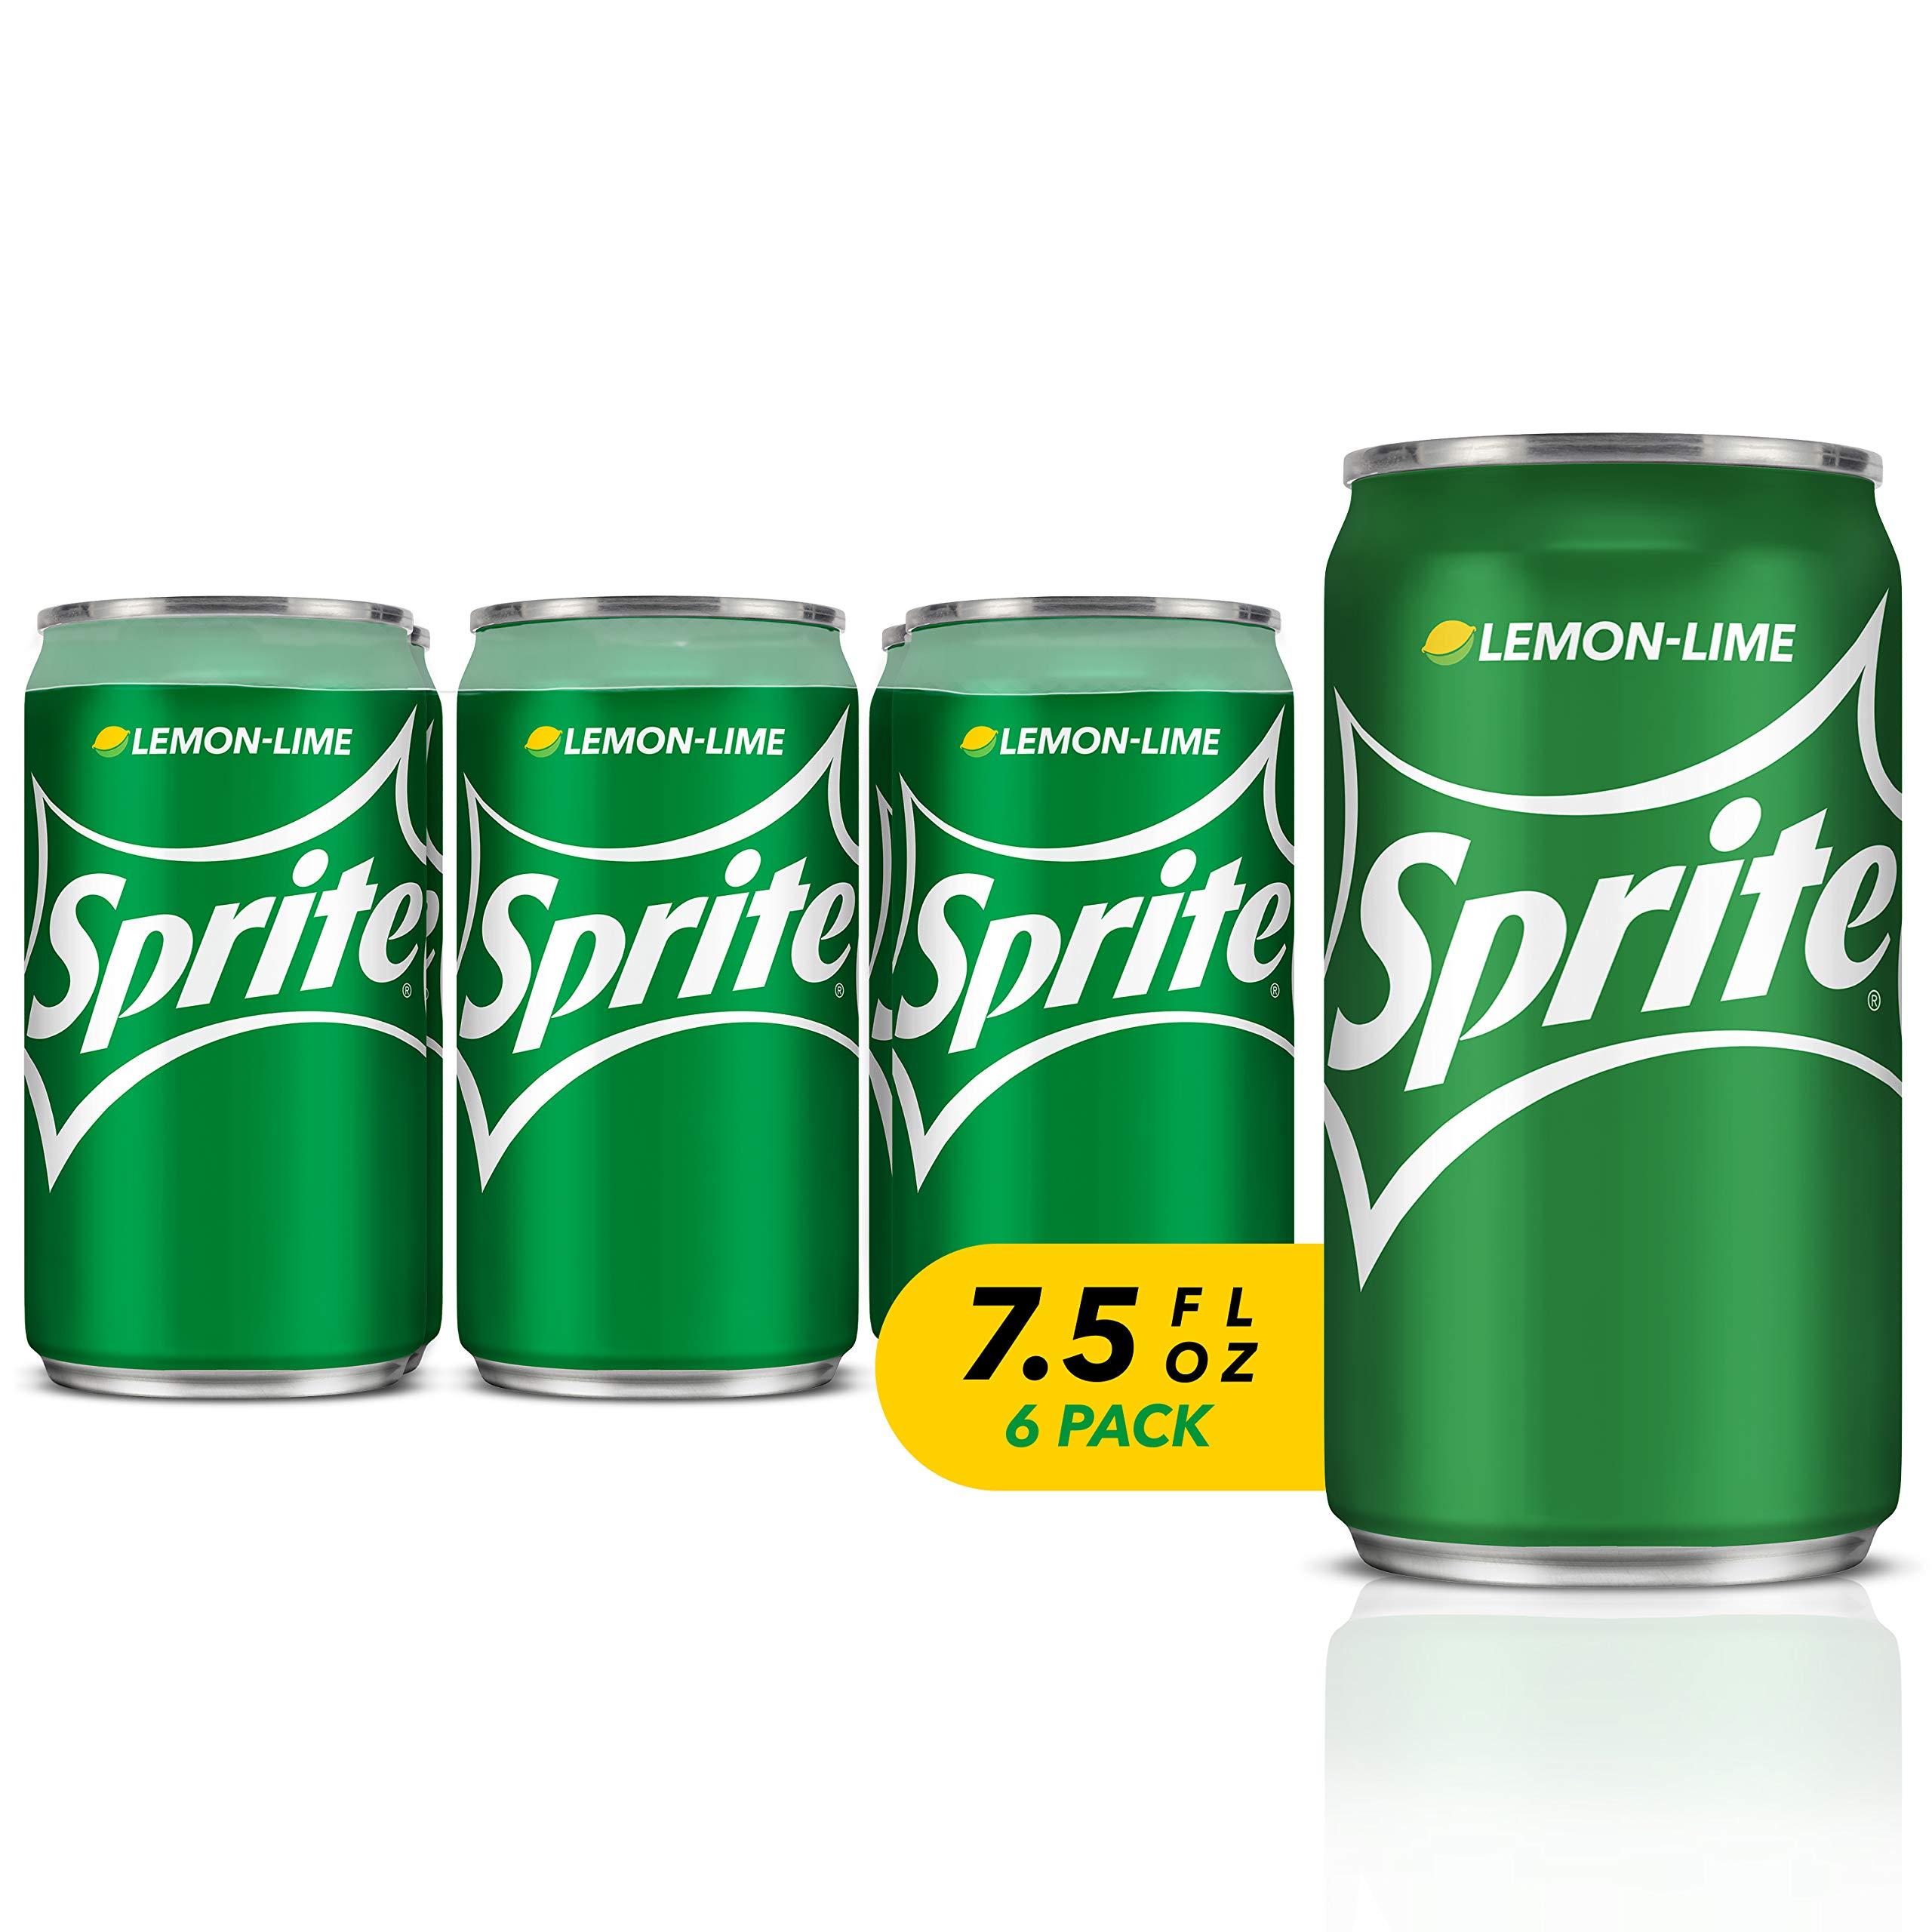 Sprite, Lemon Lime Soda, 7.5 Fl Oz (pack of 6)